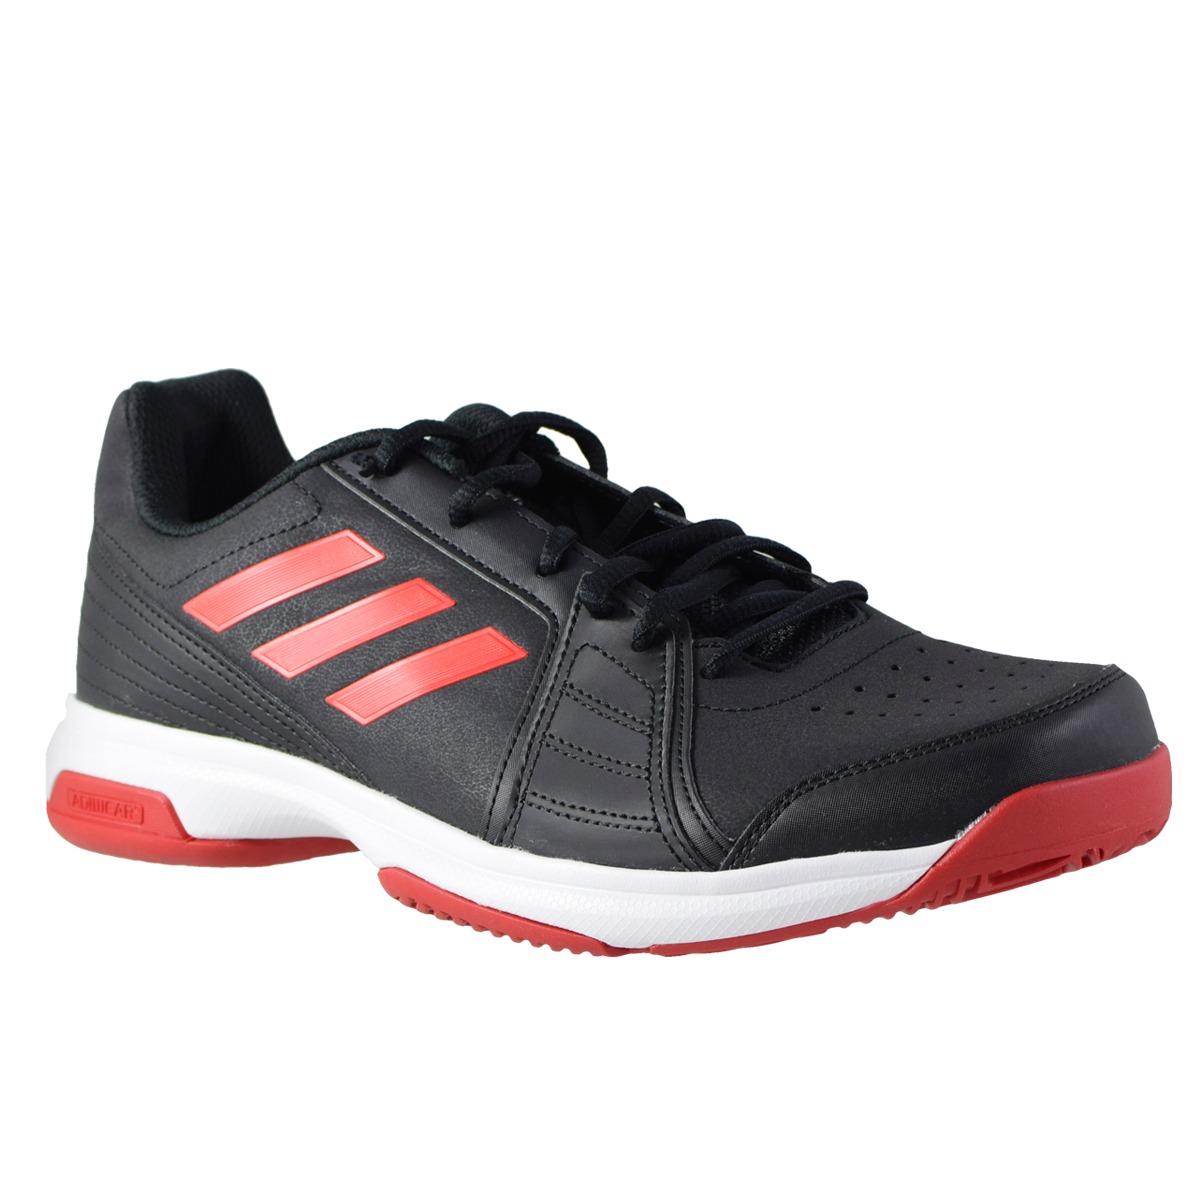 a2123ee5e1e zapatillas de tenis adidas approach hombre negro. Cargando zoom.